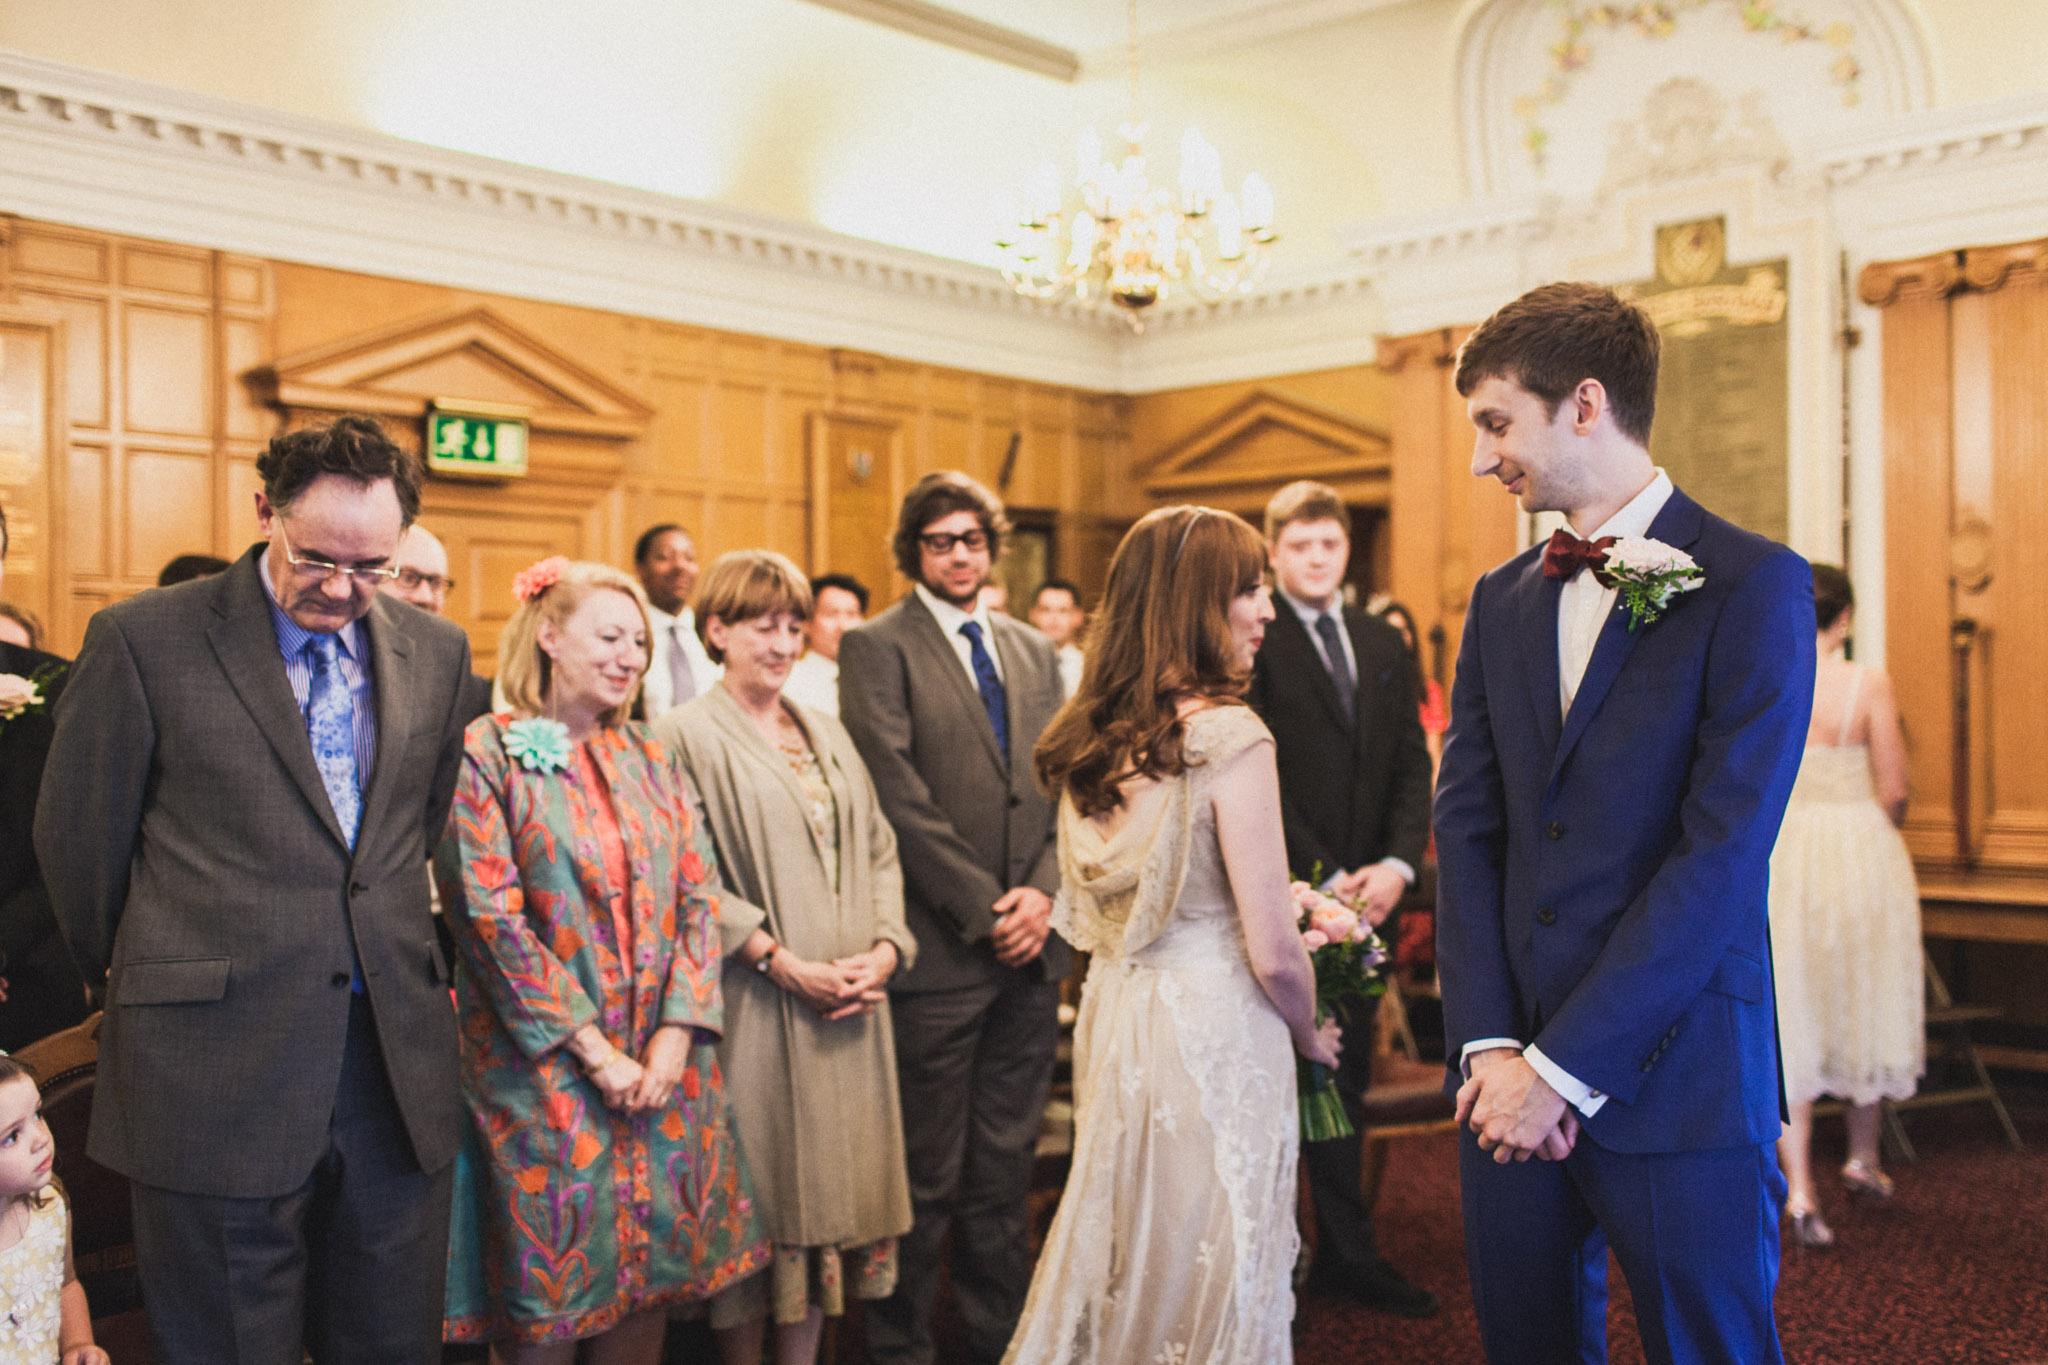 lewes_wedding_photographer_0027.jpg